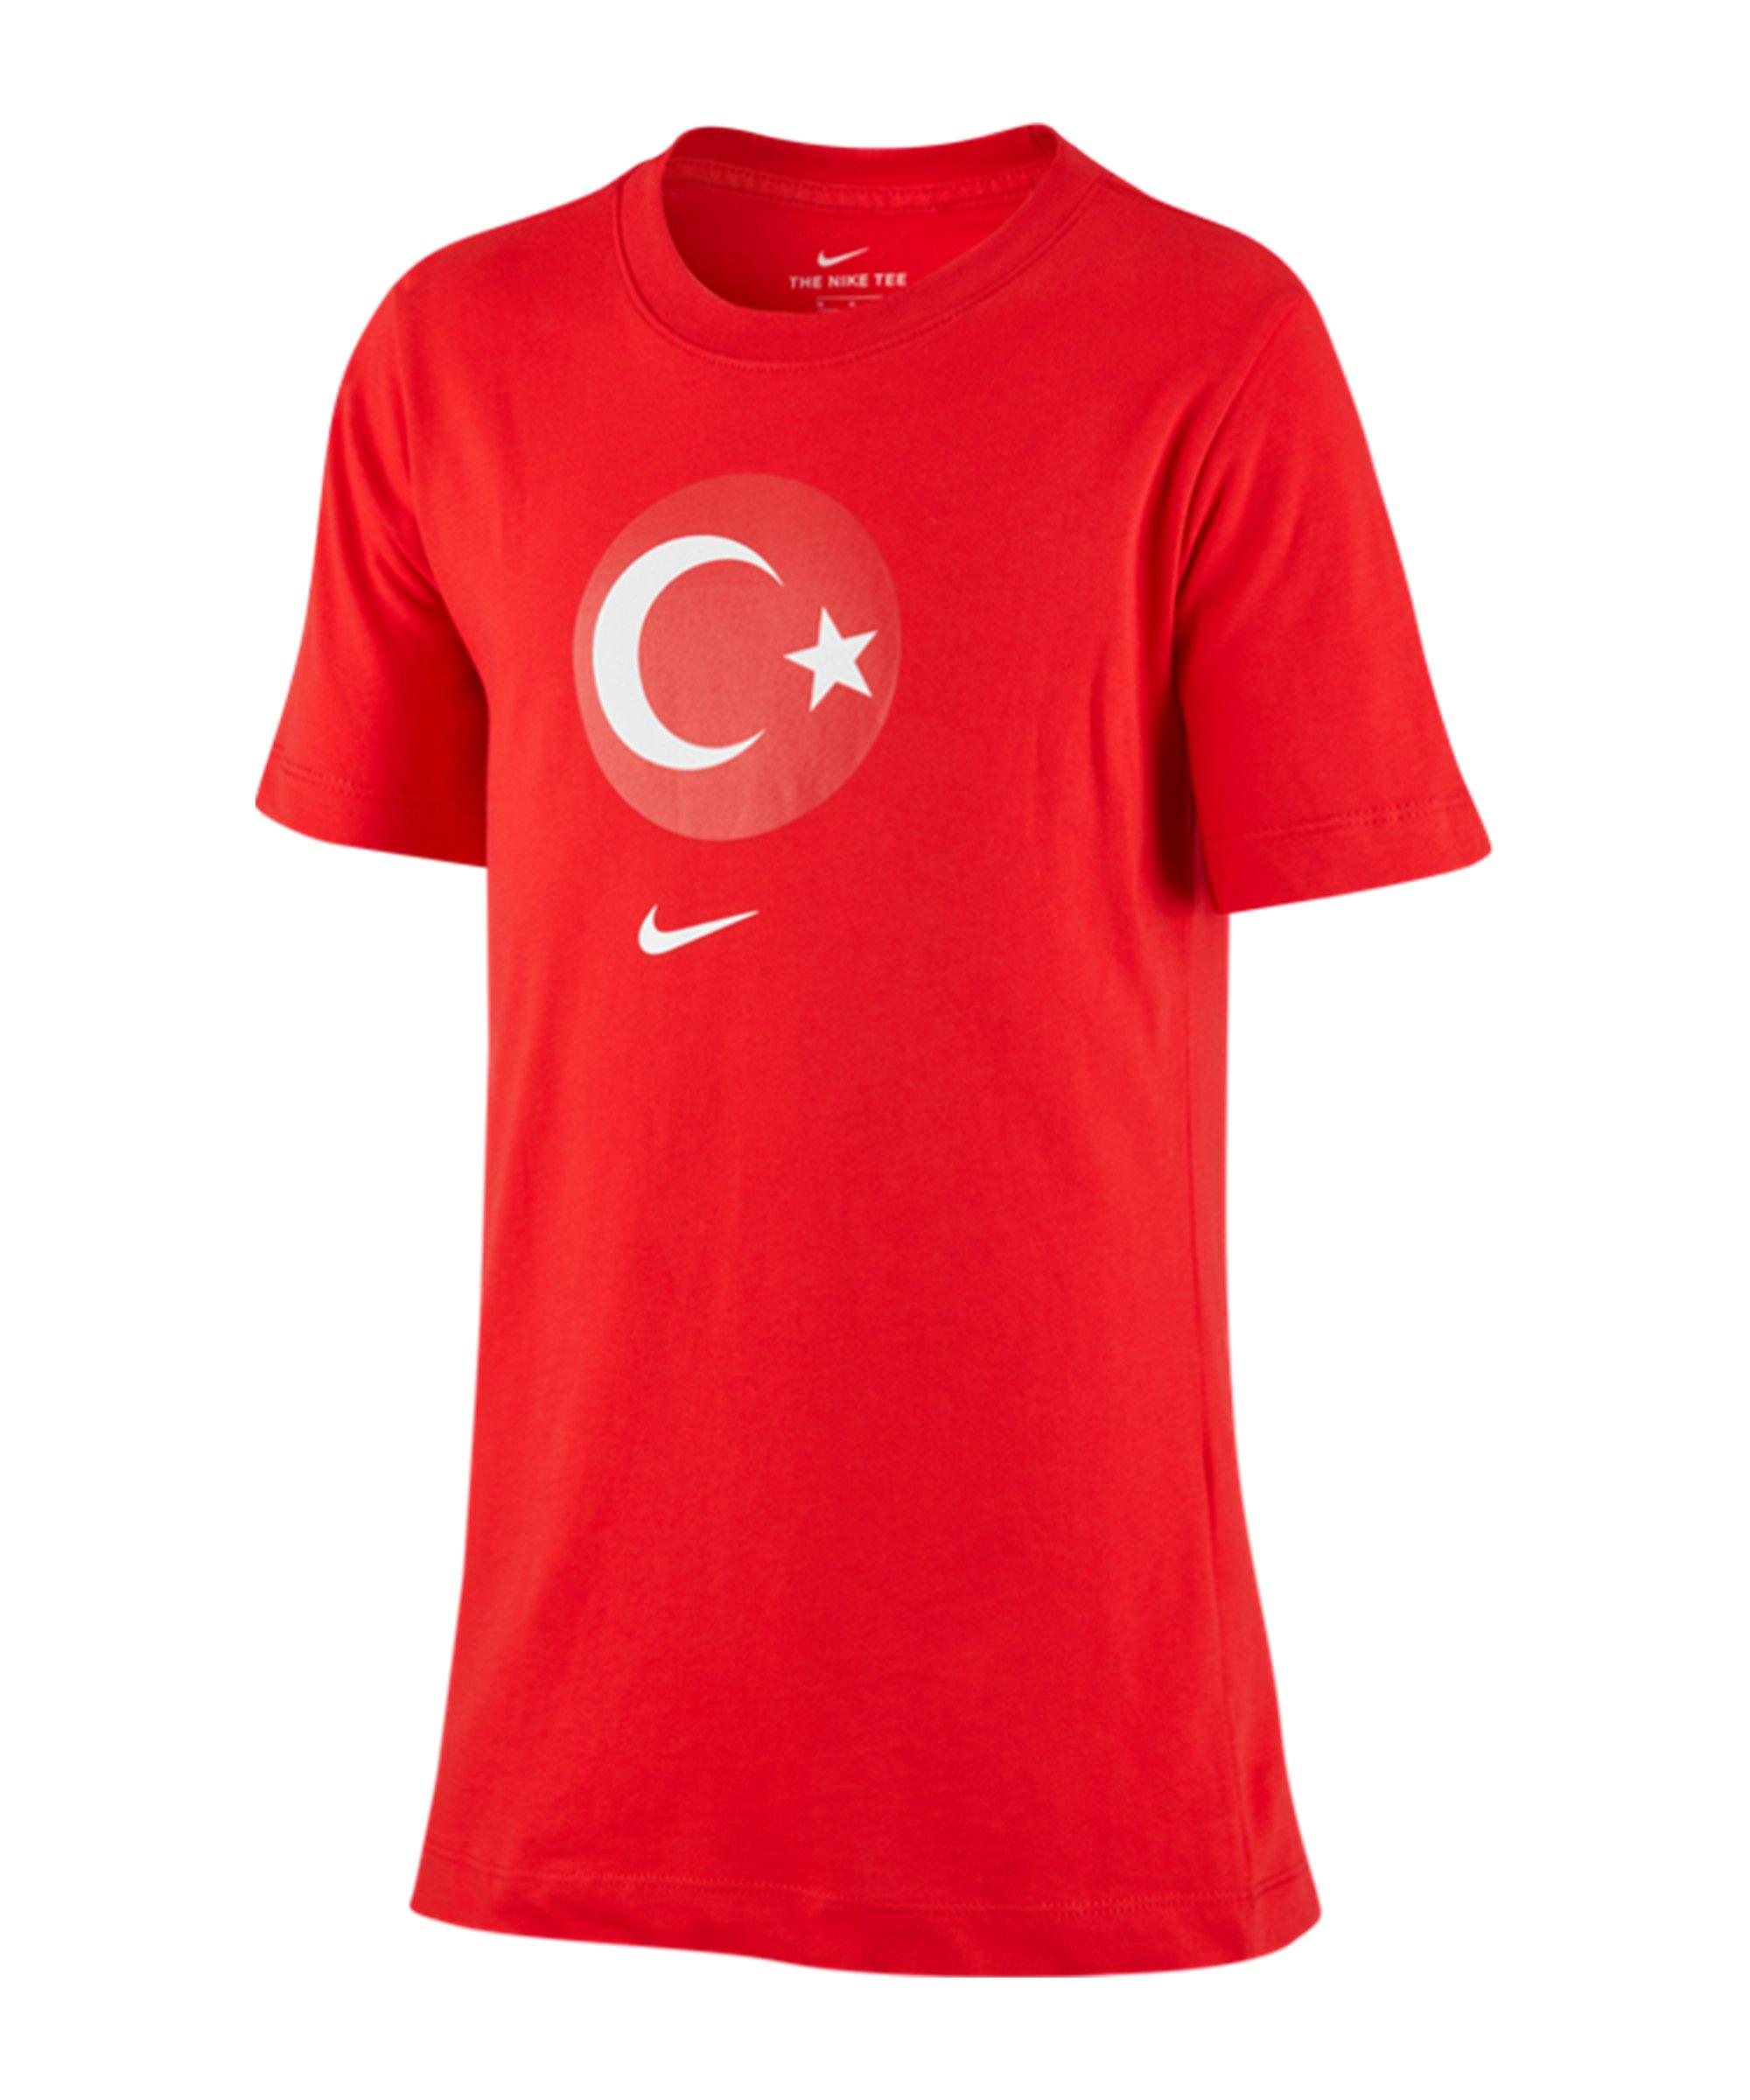 Nike Türkei Evergreen Crest T-Shirt Kids Rot F657 - rot